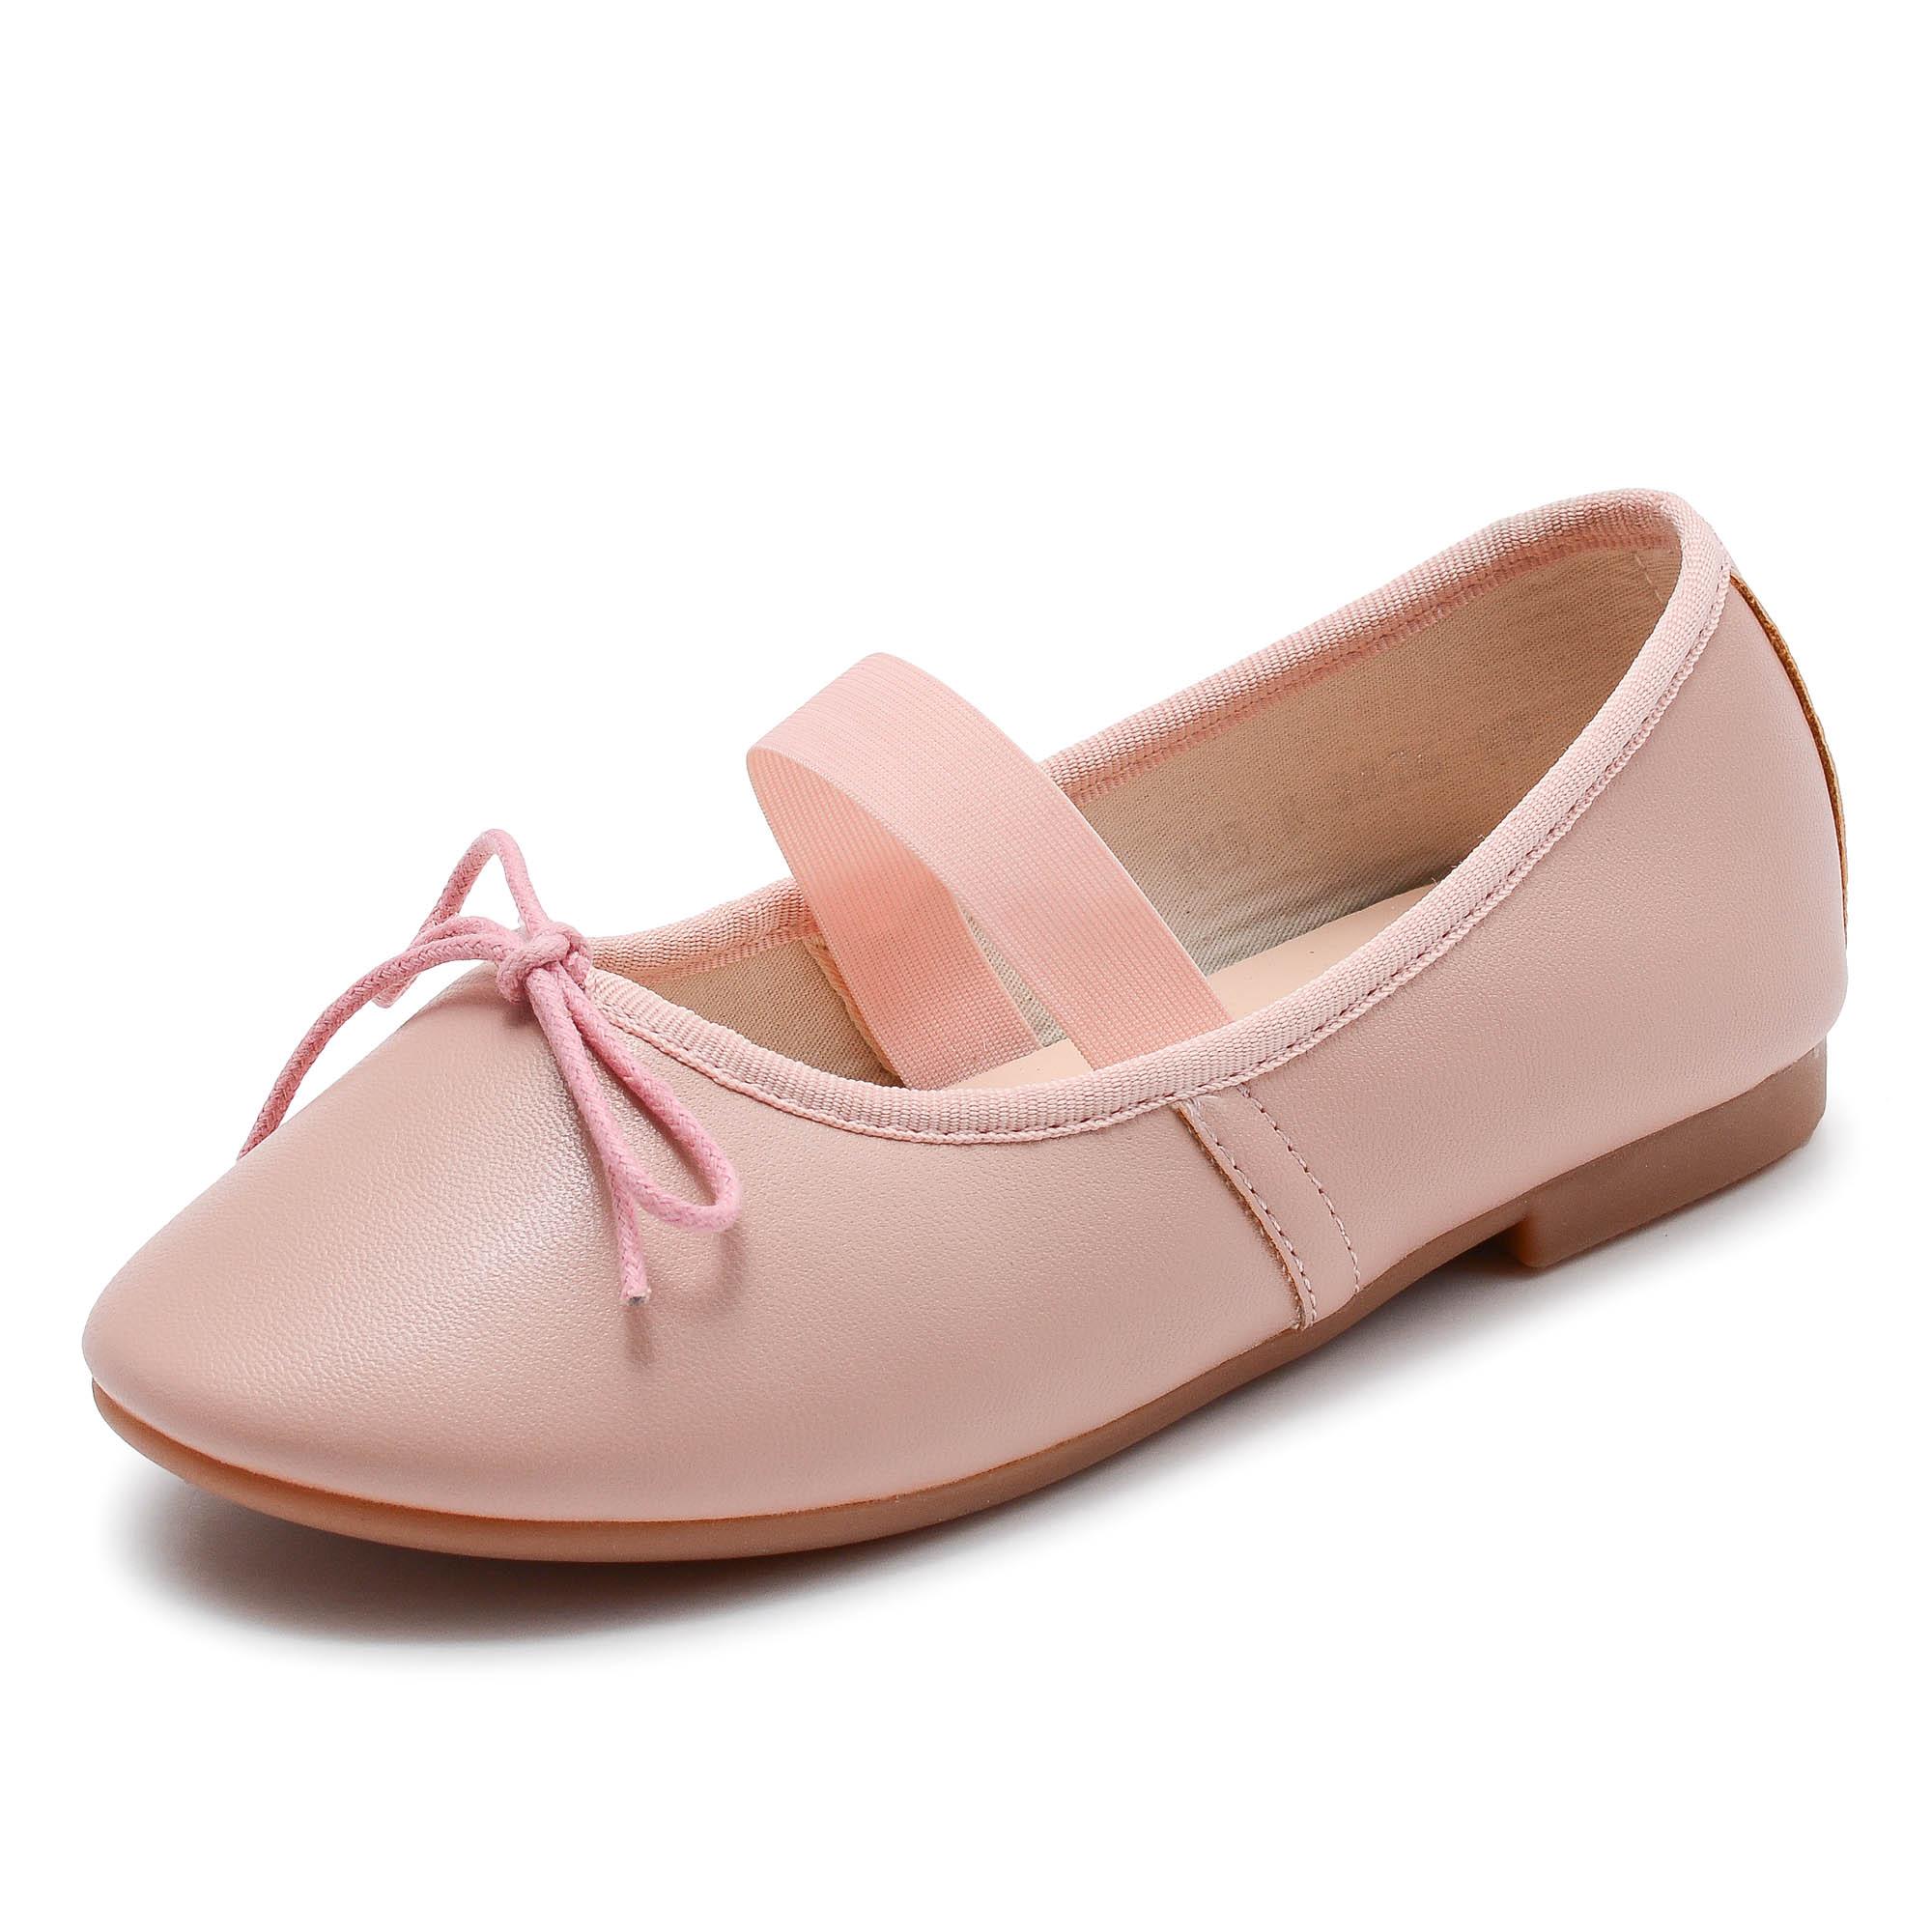 天天特价女童公主鞋春款2017新款宝宝秋季豆豆鞋4-16岁奶奶鞋子潮